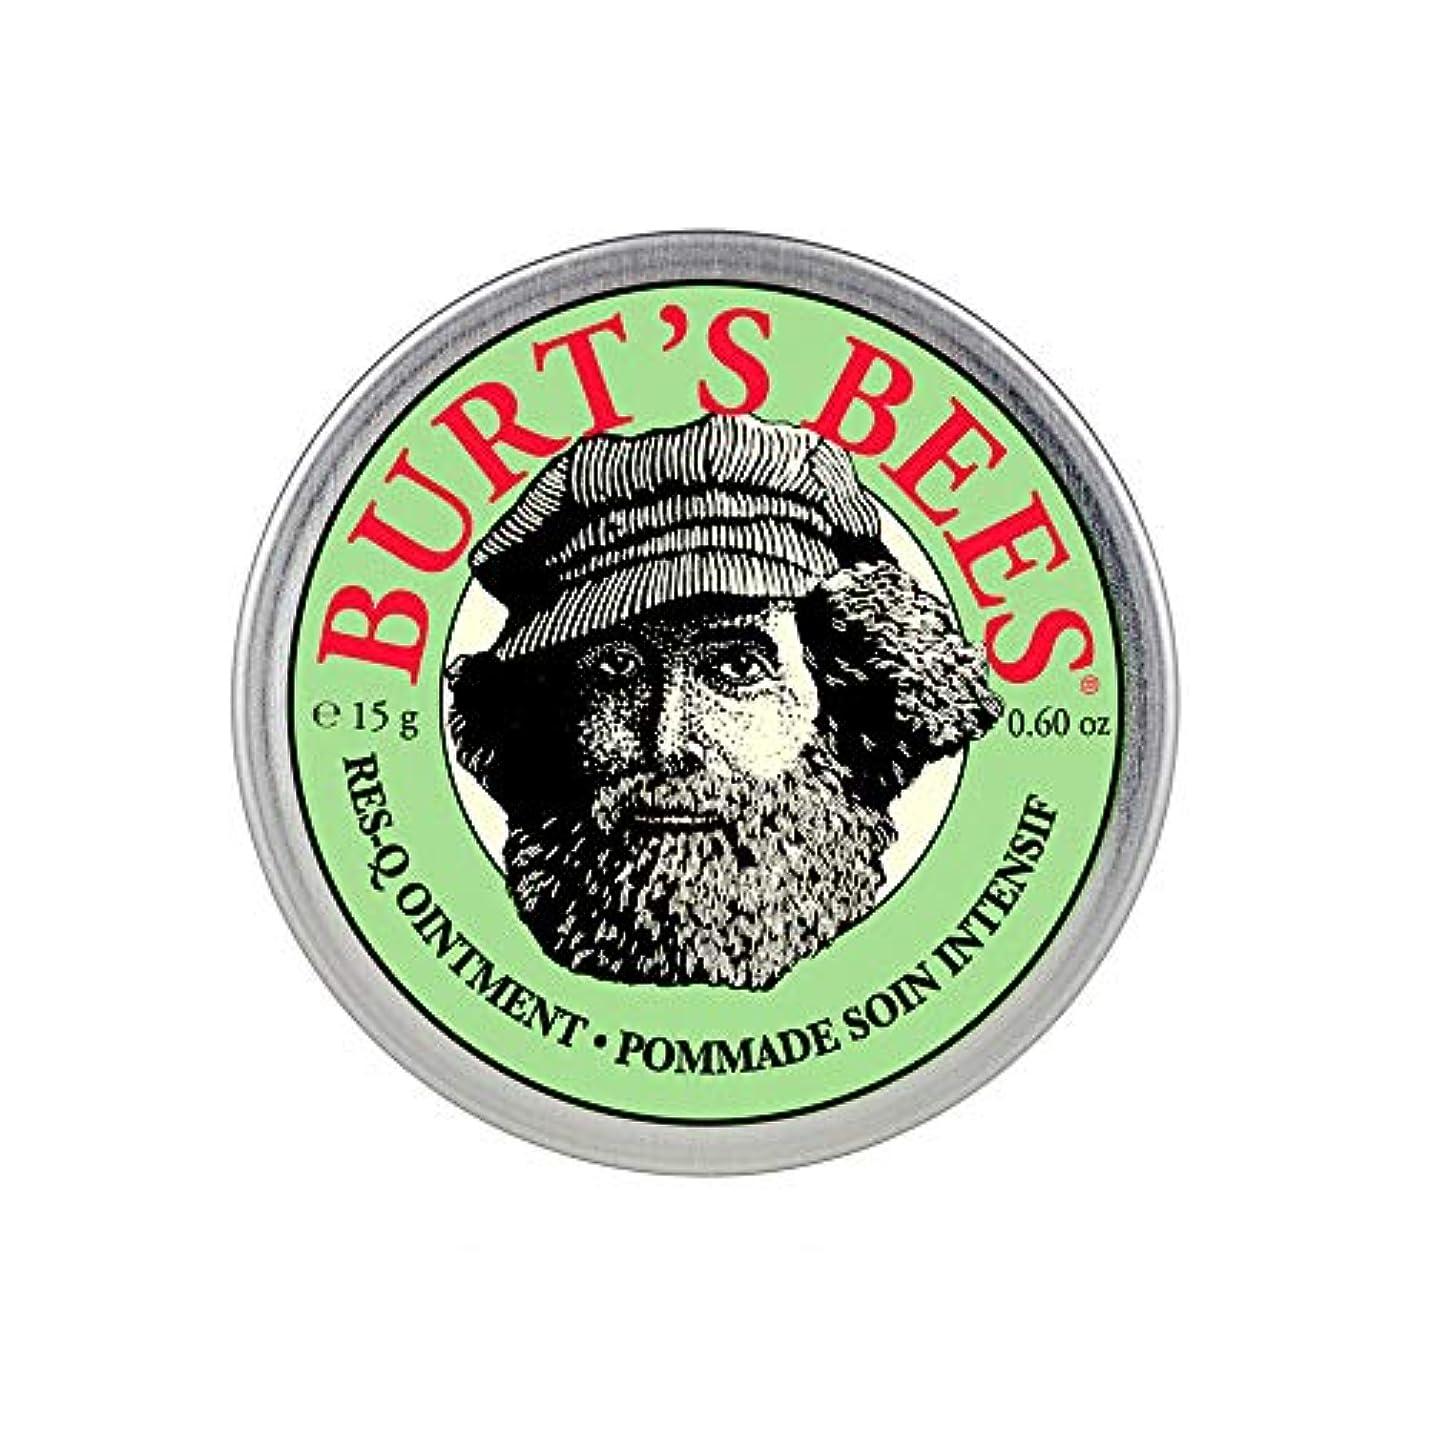 奪うパーティーいとこバーツビーズ(Burt's Bees) レスキュー オイントメント 15g [100%ナチュラル、軟膏] [海外直送][並行輸入品]